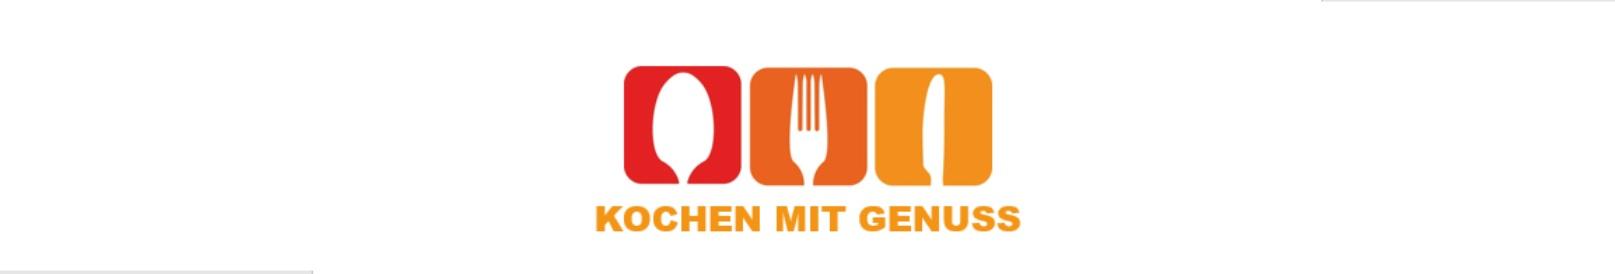 kochen-mit-genuss.org